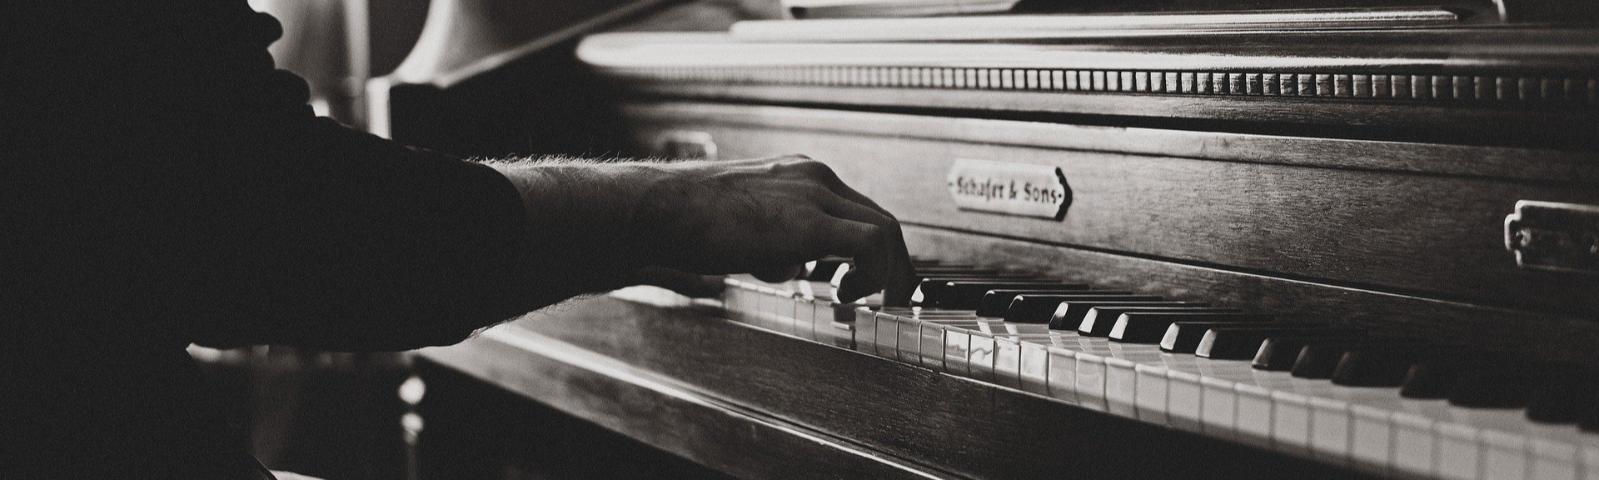 Pianos und Flügel